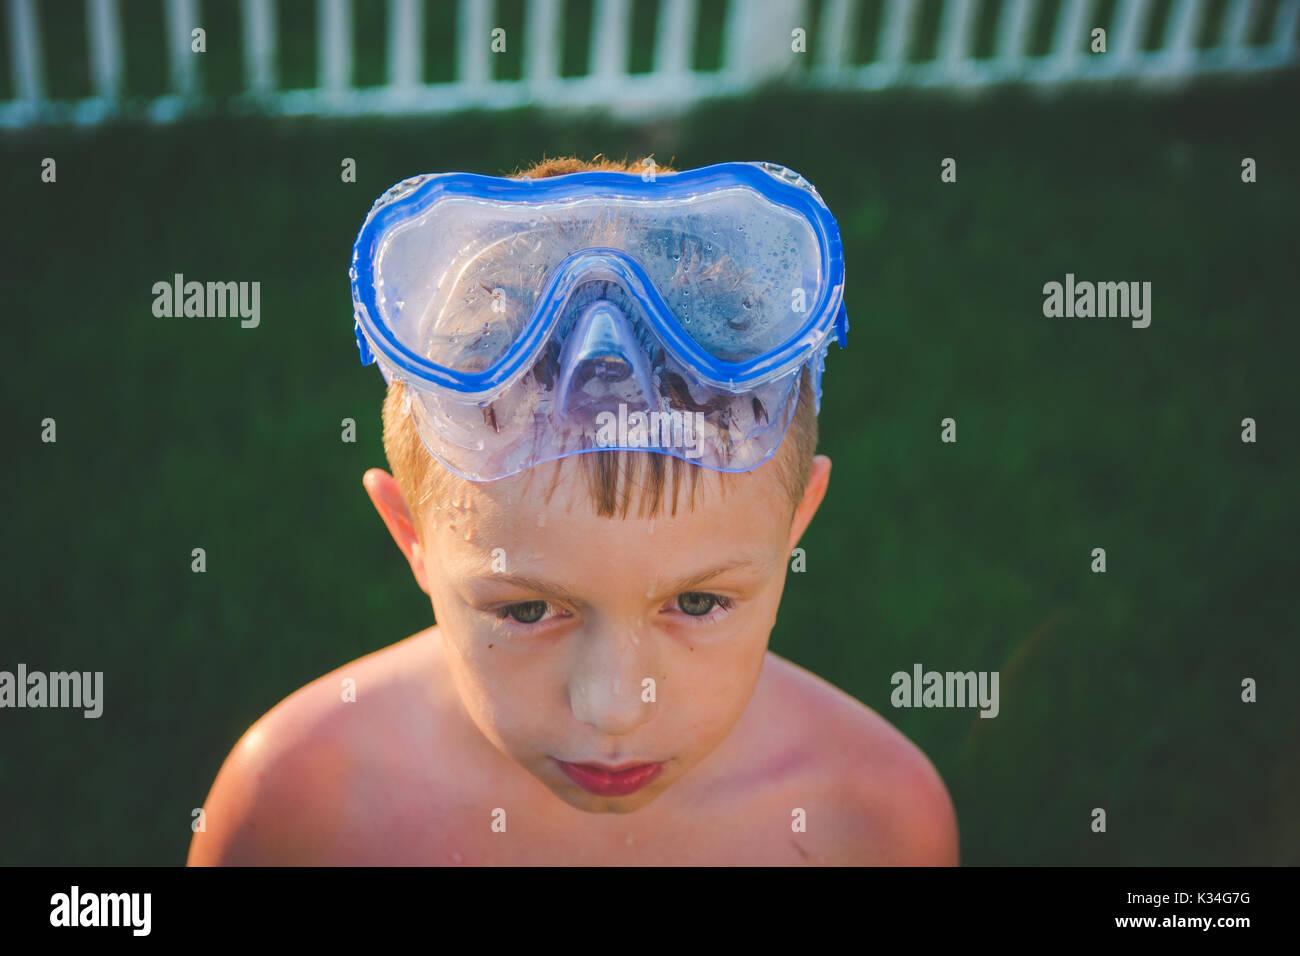 Ein Junge trägt eine Scuba Mask auf seinem Kopf im Sommer, während die Sonne auf ihn strahlt. Stockfoto